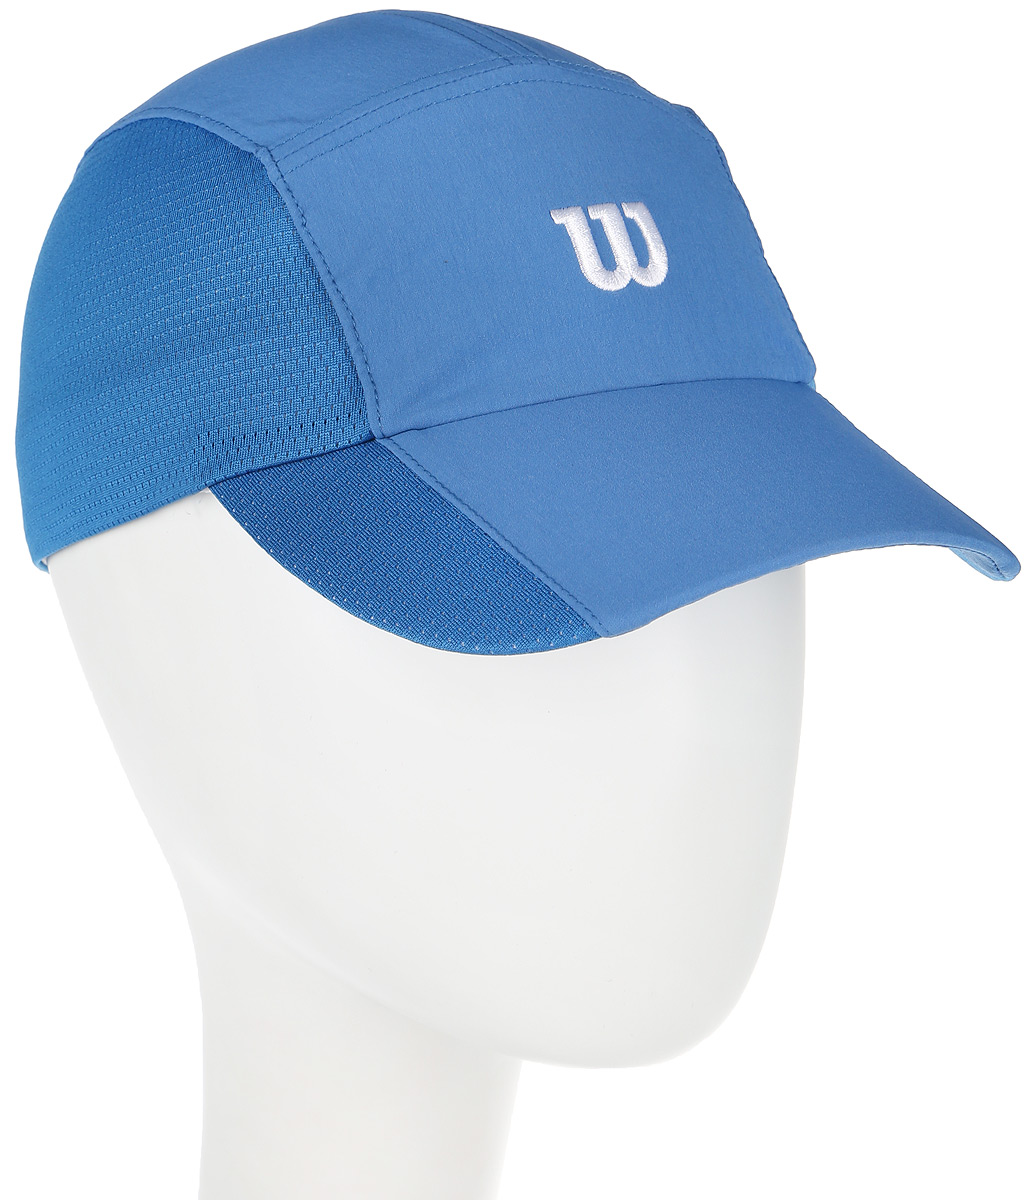 Бейсболка для тенниса Wilson Rush Stretch Woven Cap, цвет: голубой. WR5004005. Размер универсальныйWR5004005Бейсболка Wilson является отличным аксессуаром для занятий спортом. Удобная и практичная, она обеспечит вам надежную защиту от неблагоприятных погодных условий. Вентиляционные отверстия и эластичный край для комфортной посадки.